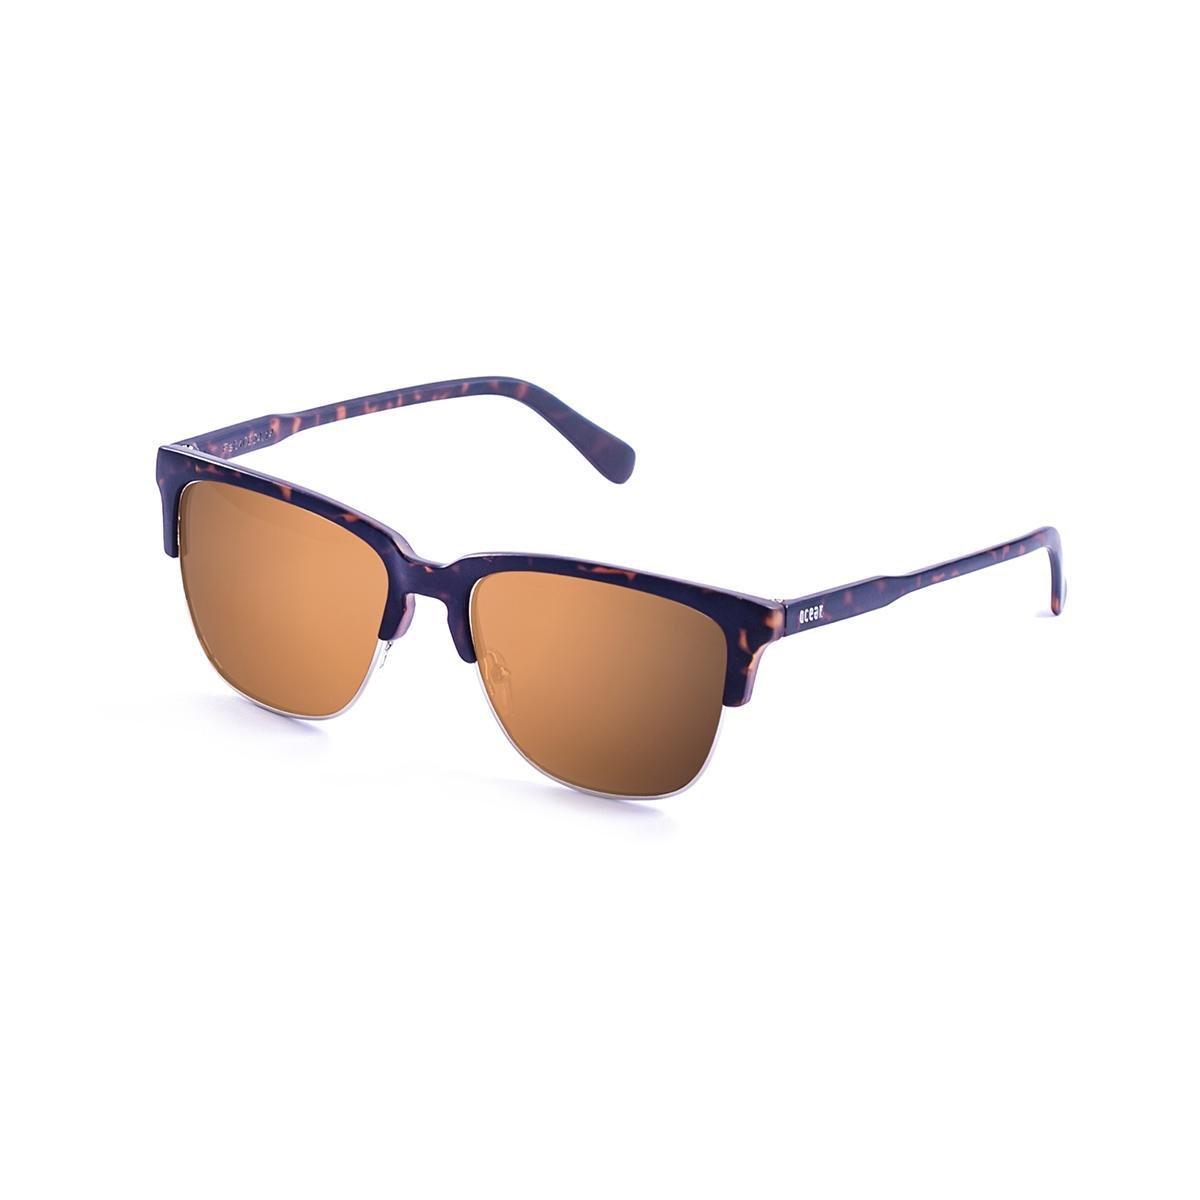 Ocean Sunglasses - LAFITENIA - Unisex Zonnebril Bruin - Ocean Sunglasses